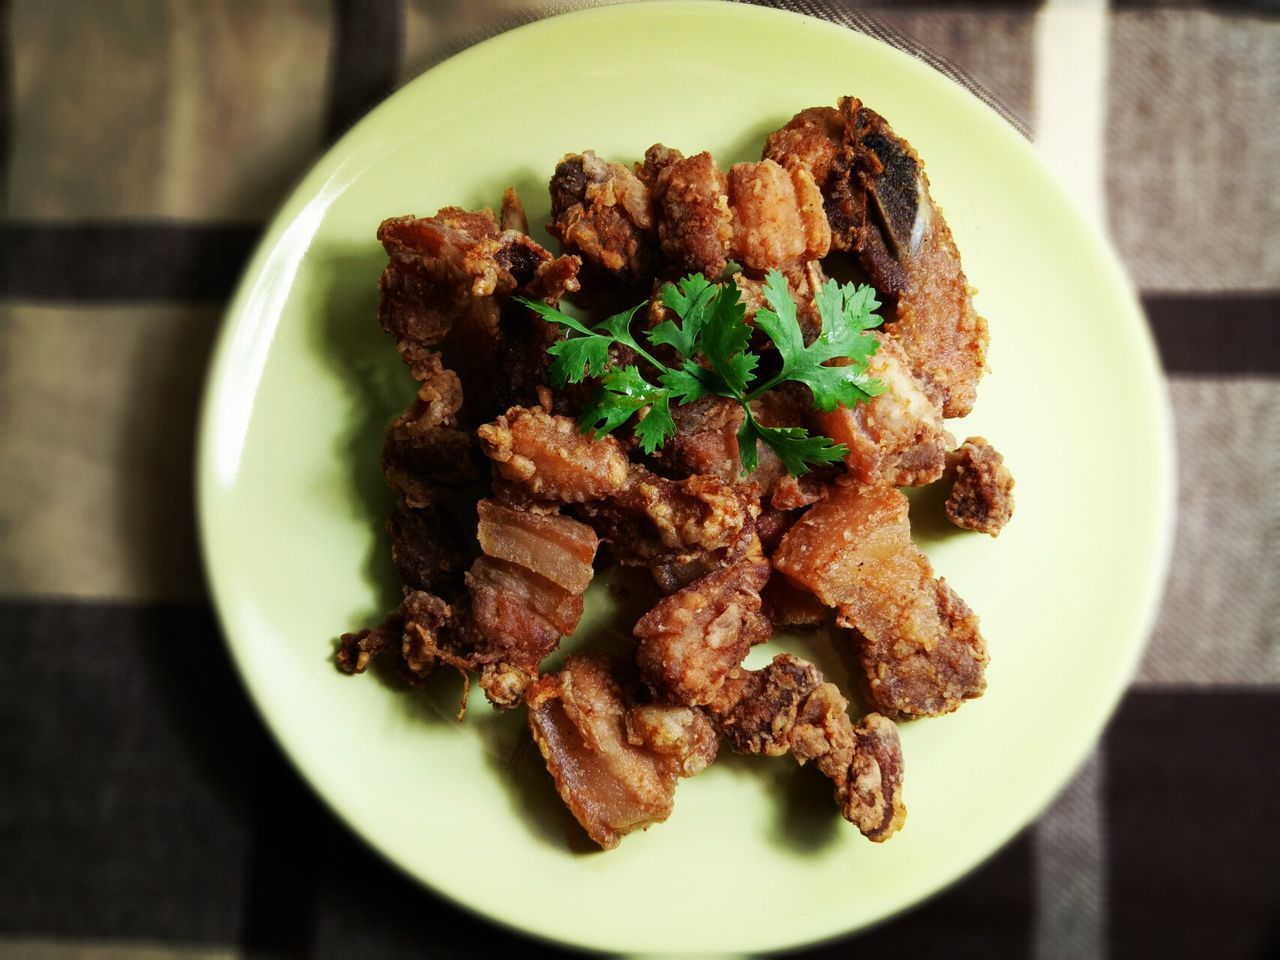 Deep Fried Pork Belly Food Homemade I Like Thai Food